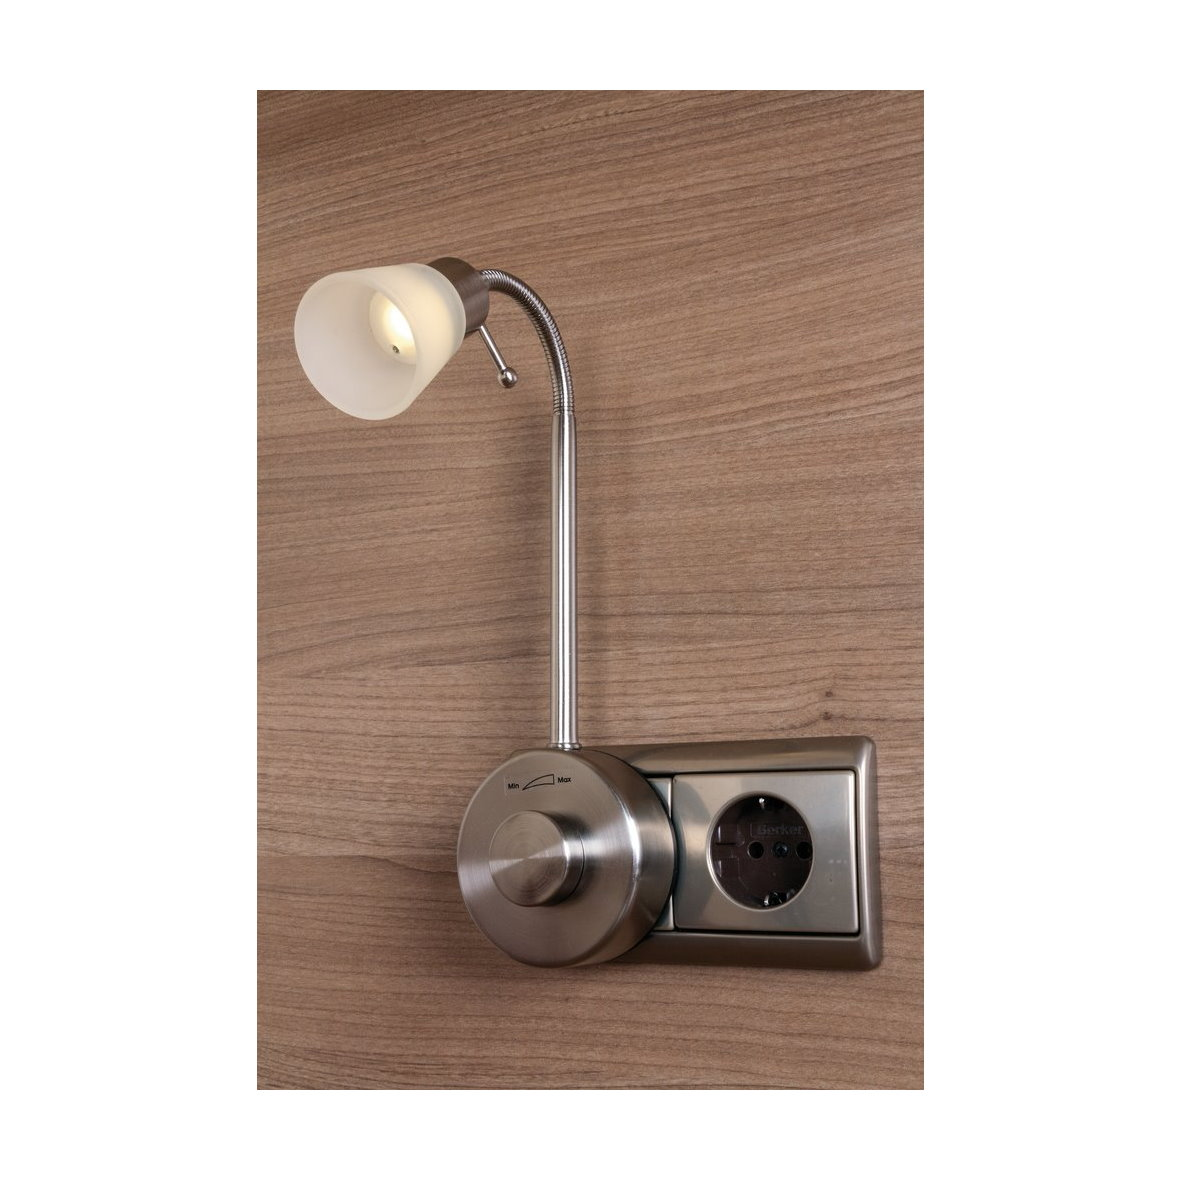 led steckdosenleuchte dimmer metall glas steckdose lampe leselampe 230v leuchte ebay. Black Bedroom Furniture Sets. Home Design Ideas